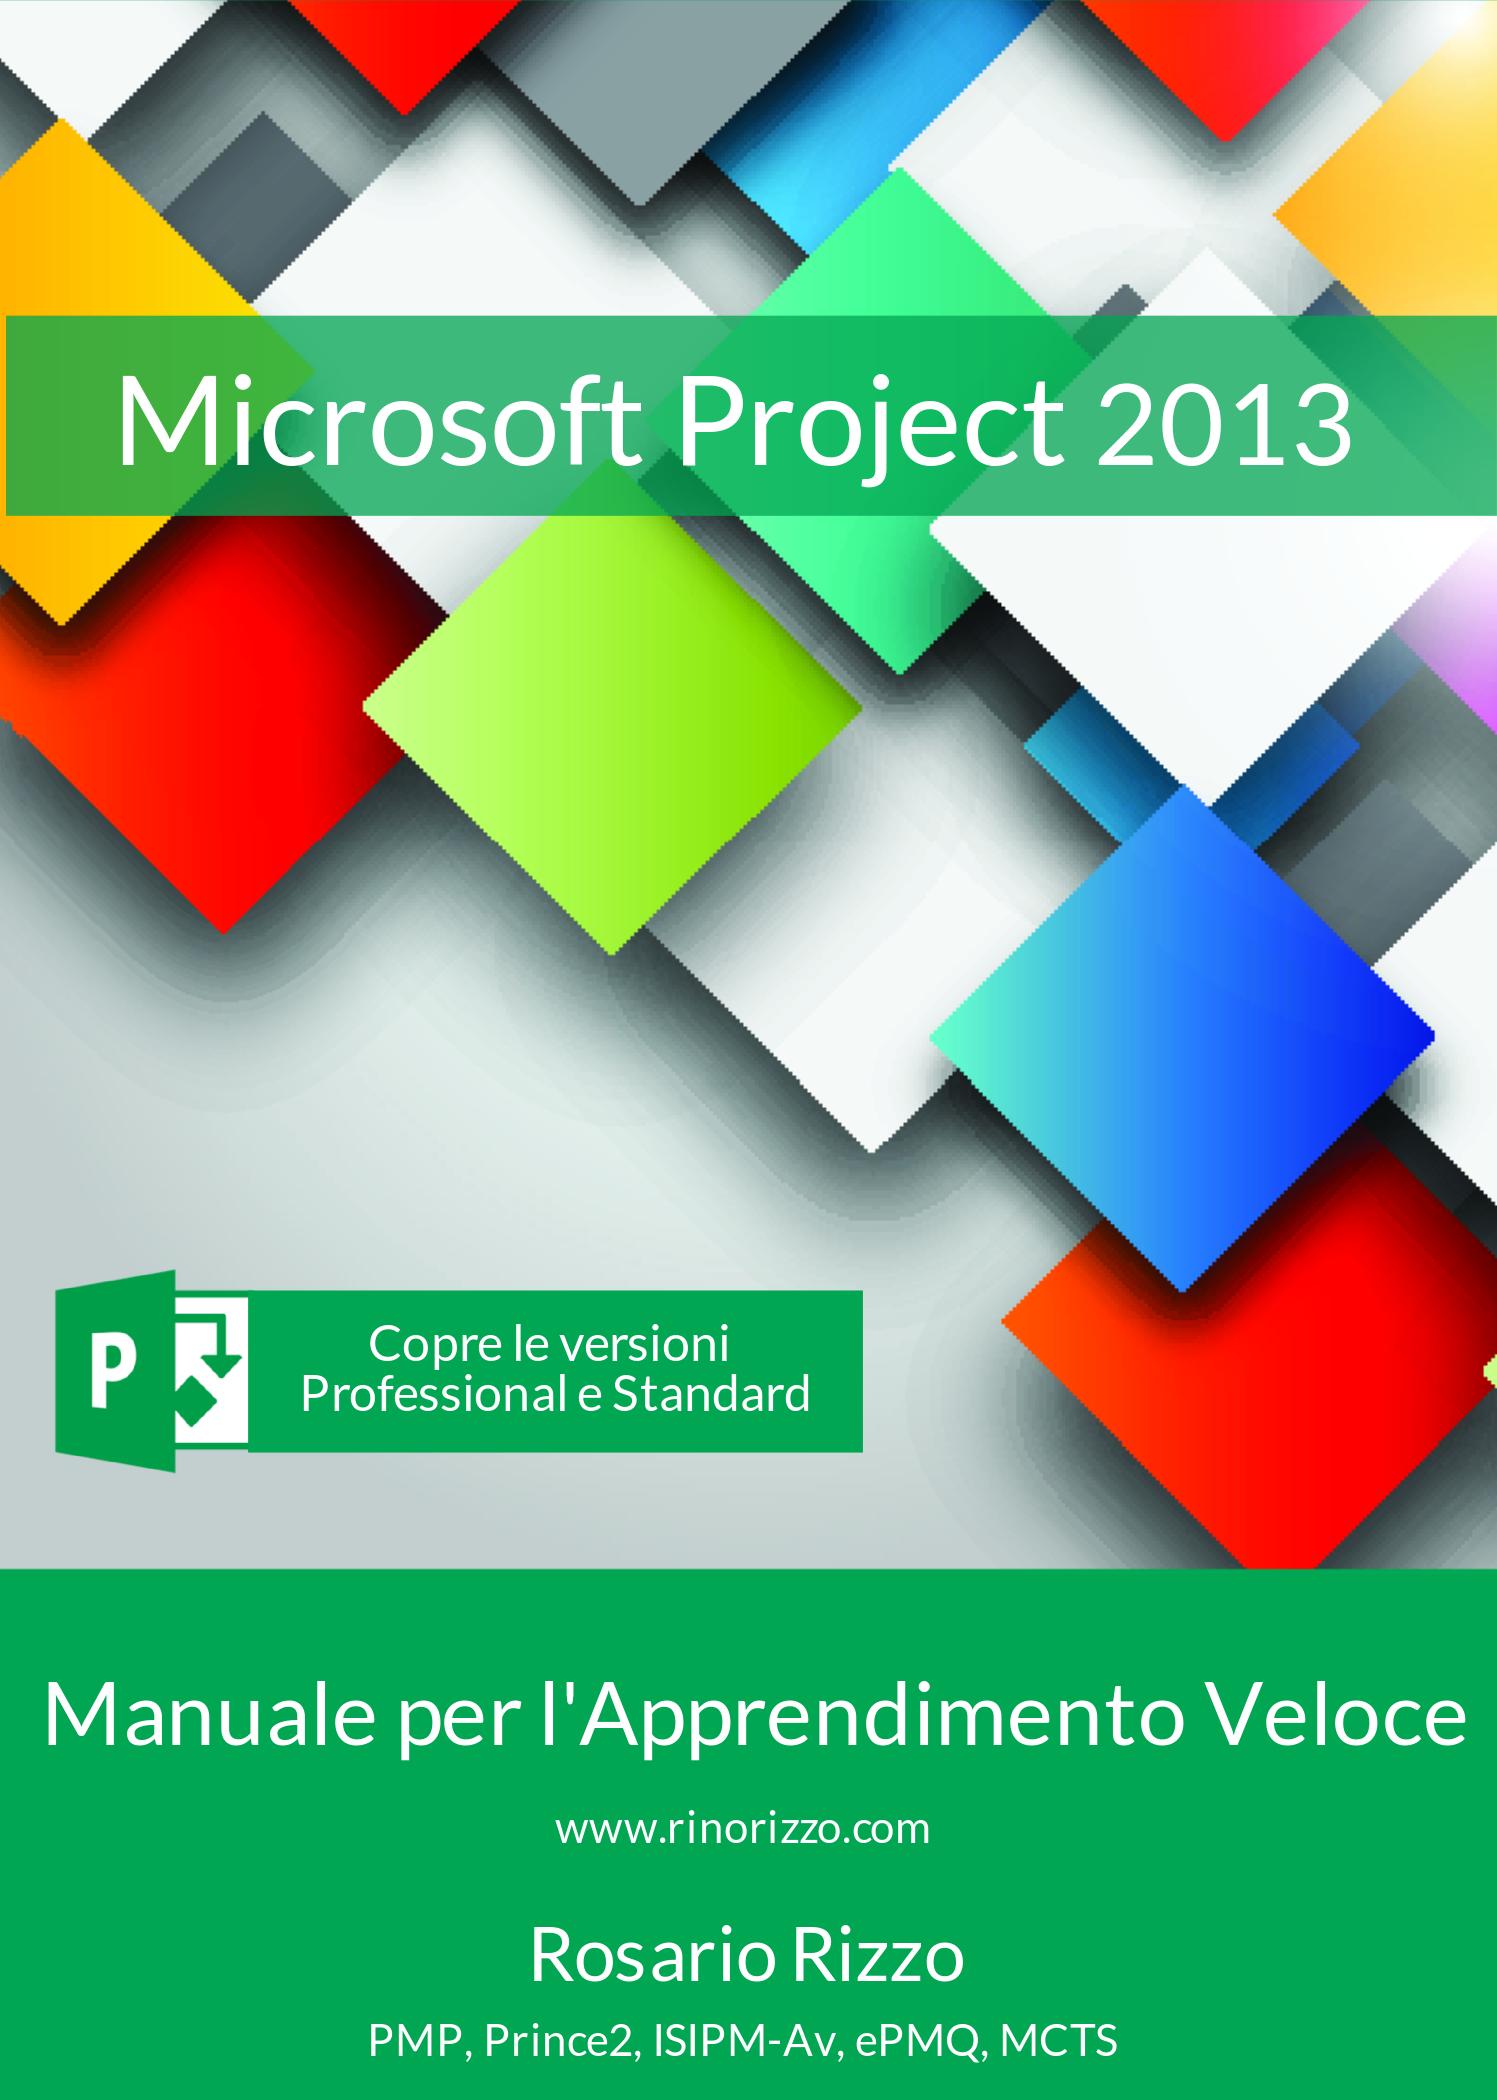 manuale in italiano di microsoft project microsoft project e rh rinorizzo com